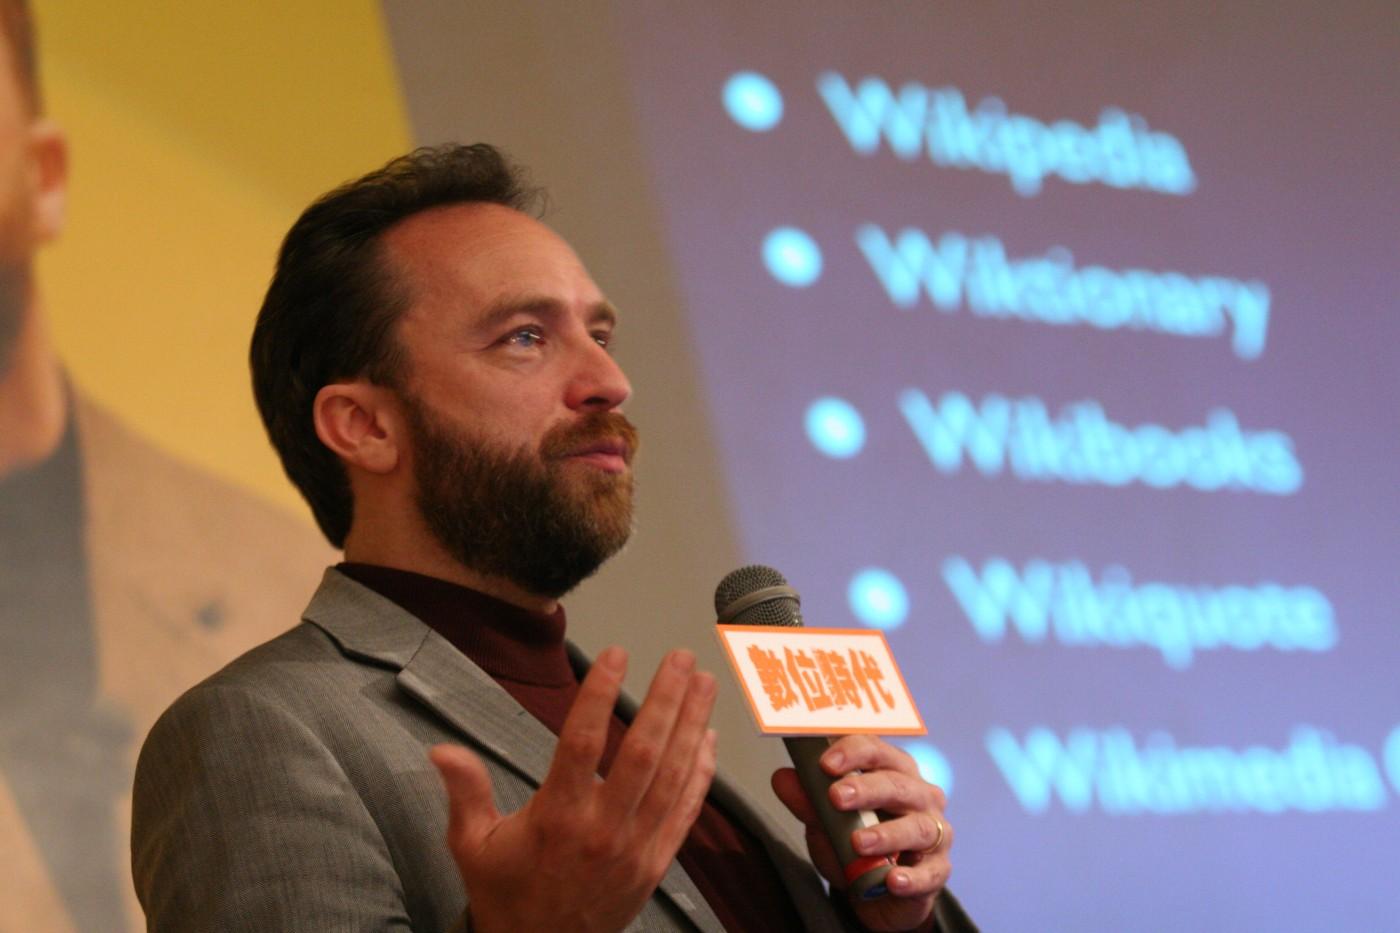 網路老兵維基創辦人 Jimmy Wales 不死,再戰 2018 科技趨勢